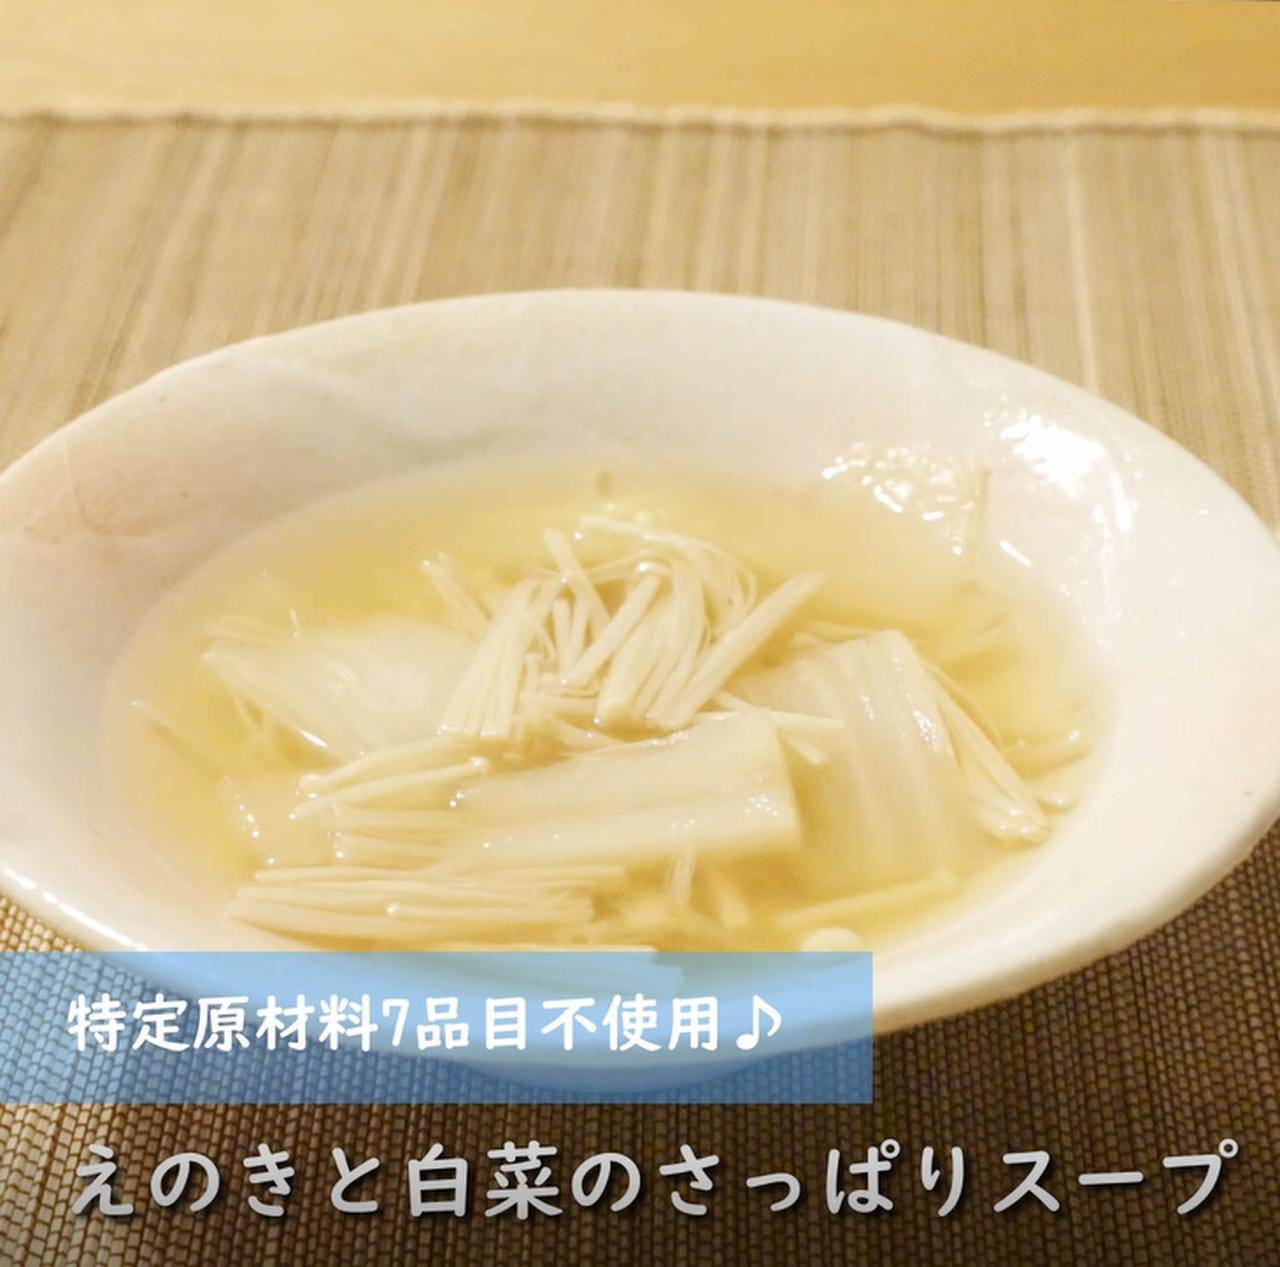 画像: えのきと白菜のさっぱりスープ - 君とごはん